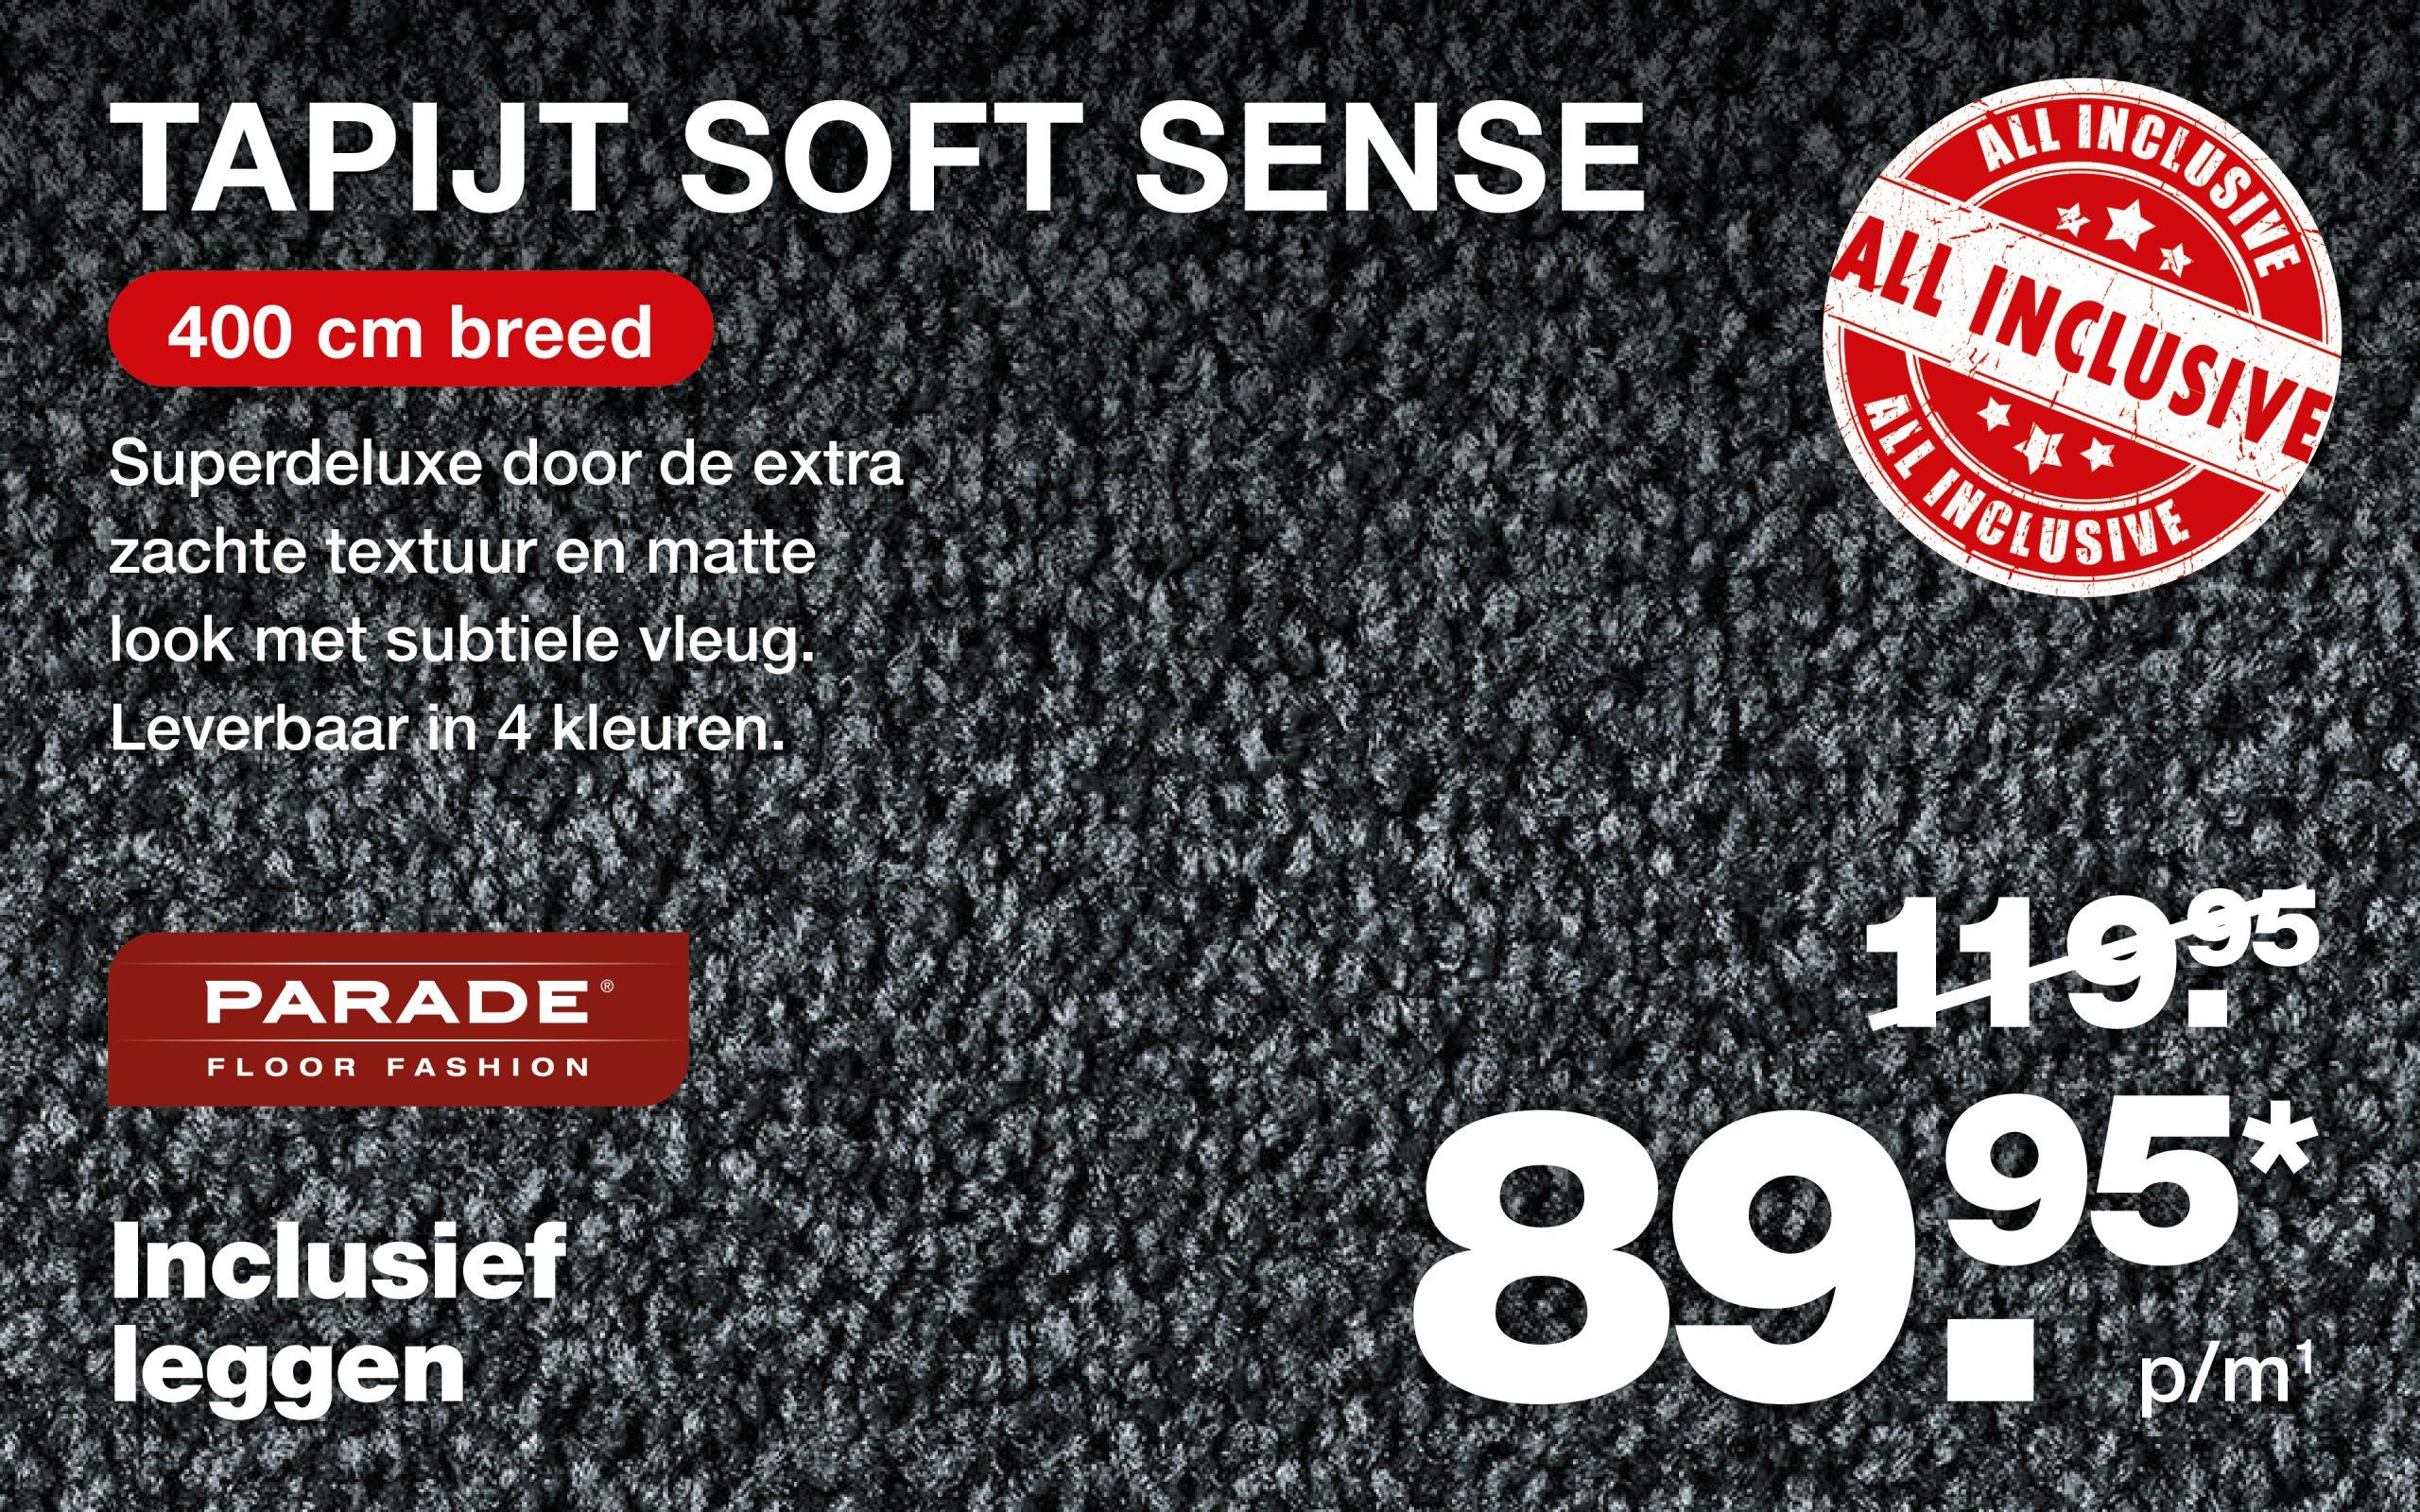 Parade Soft Sense tapijt Floorever